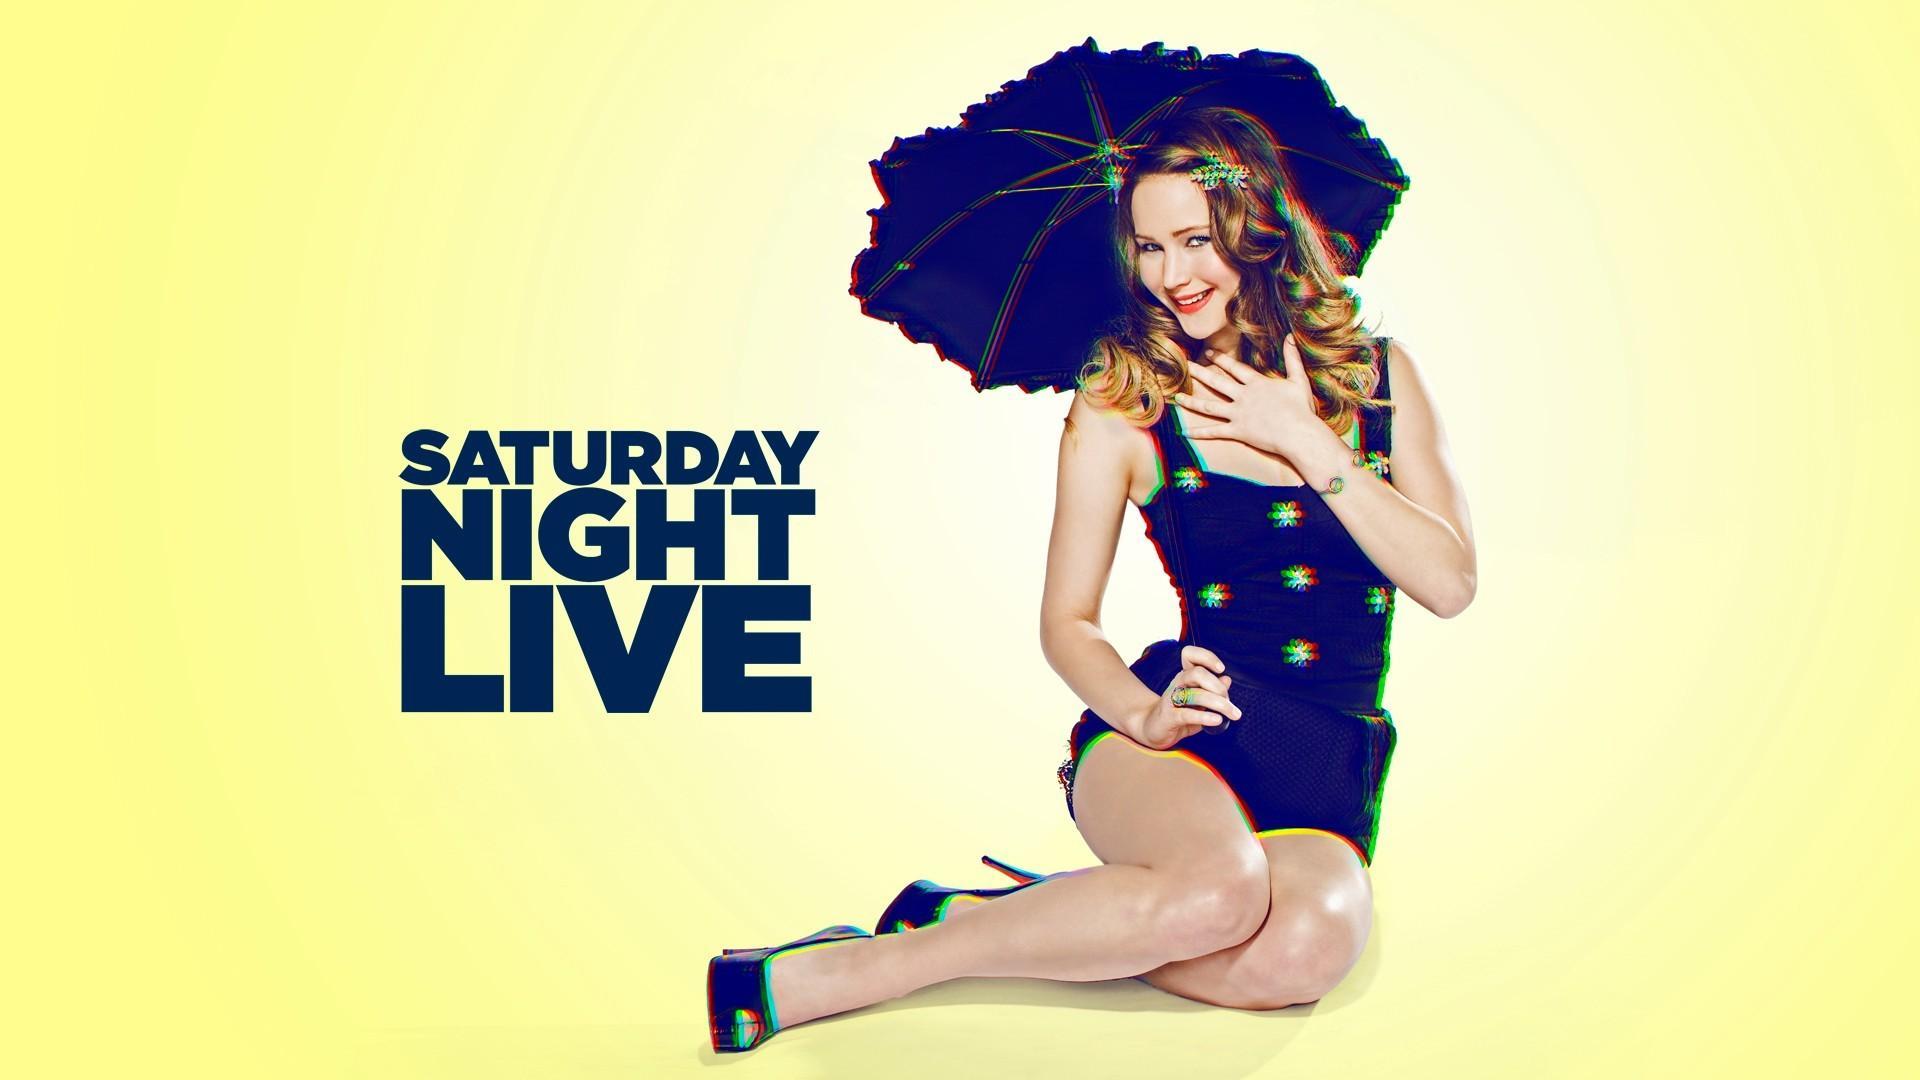 詹妮弗·劳伦斯《周六夜现场》(SNL)写真曝光 做主持大吐垃圾话